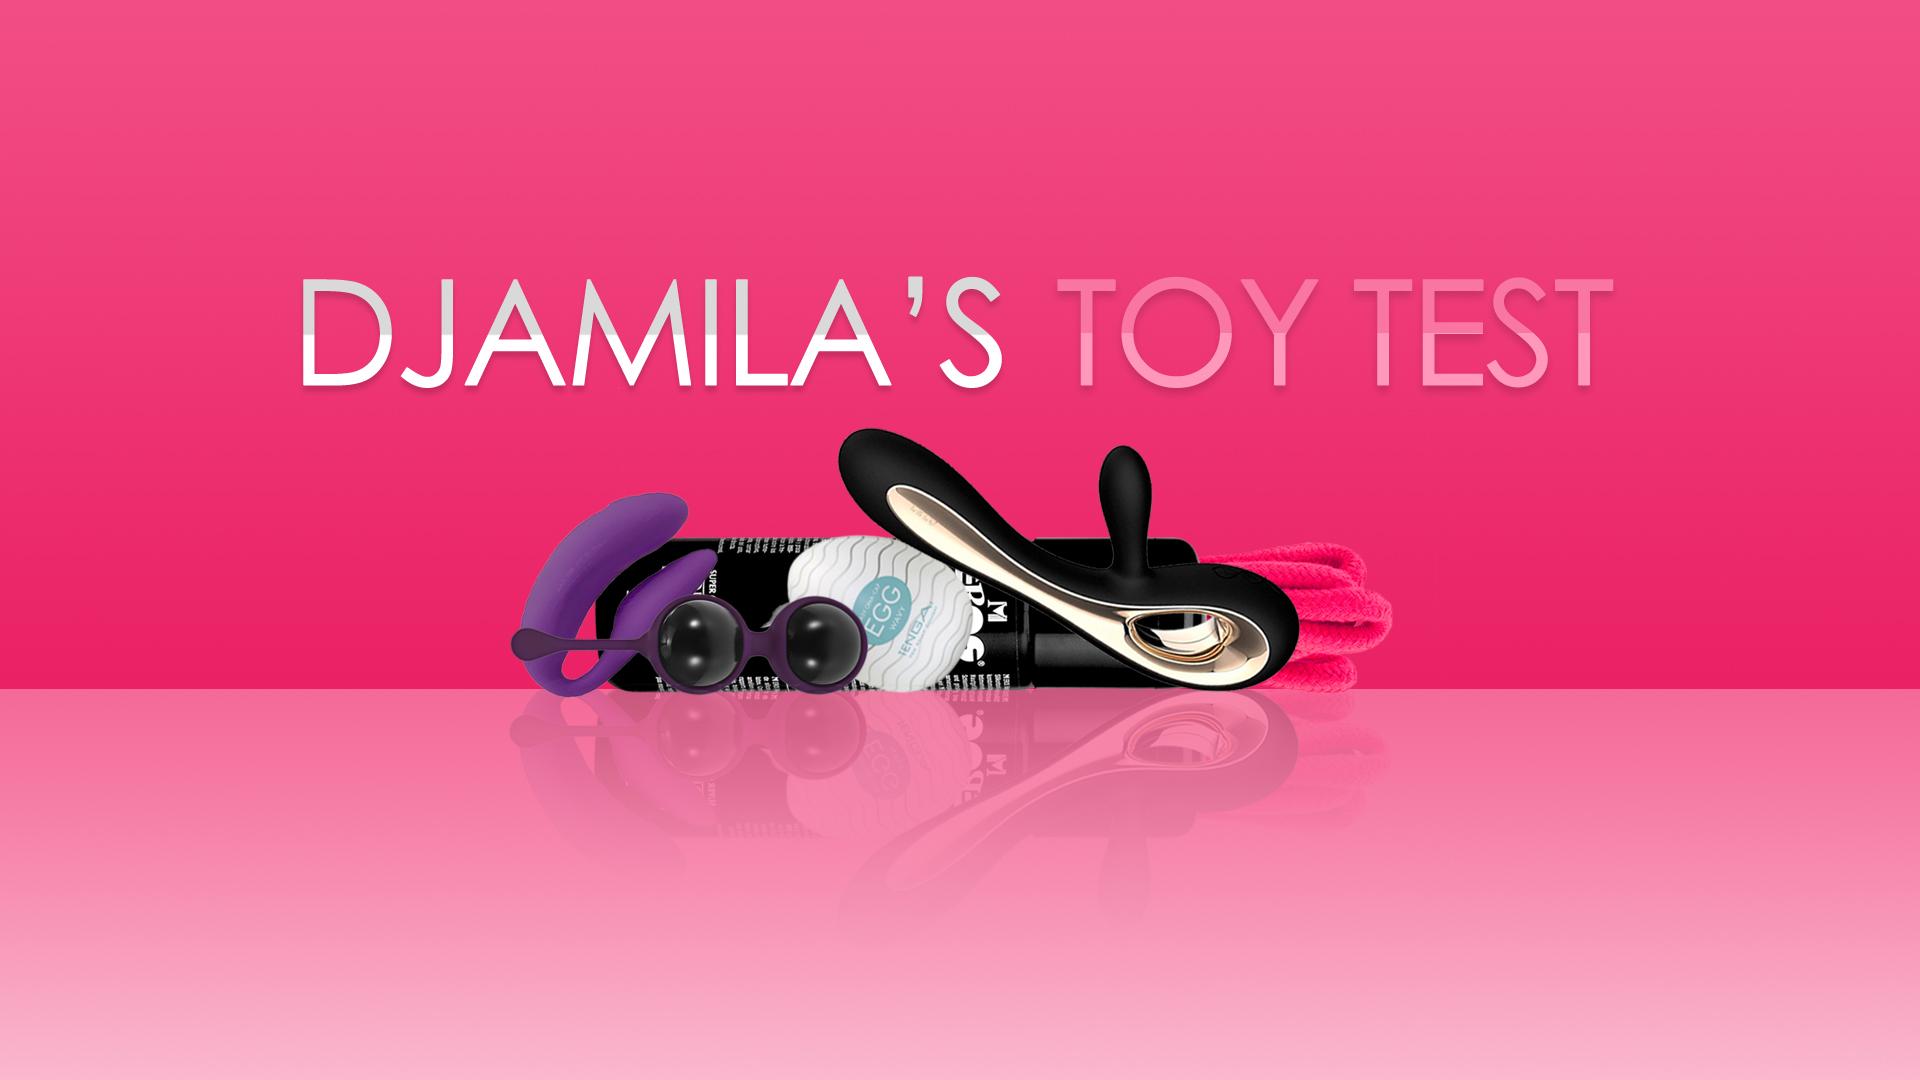 Geile foto van de hete Secret Circle seksfilm: Djamila's toy test